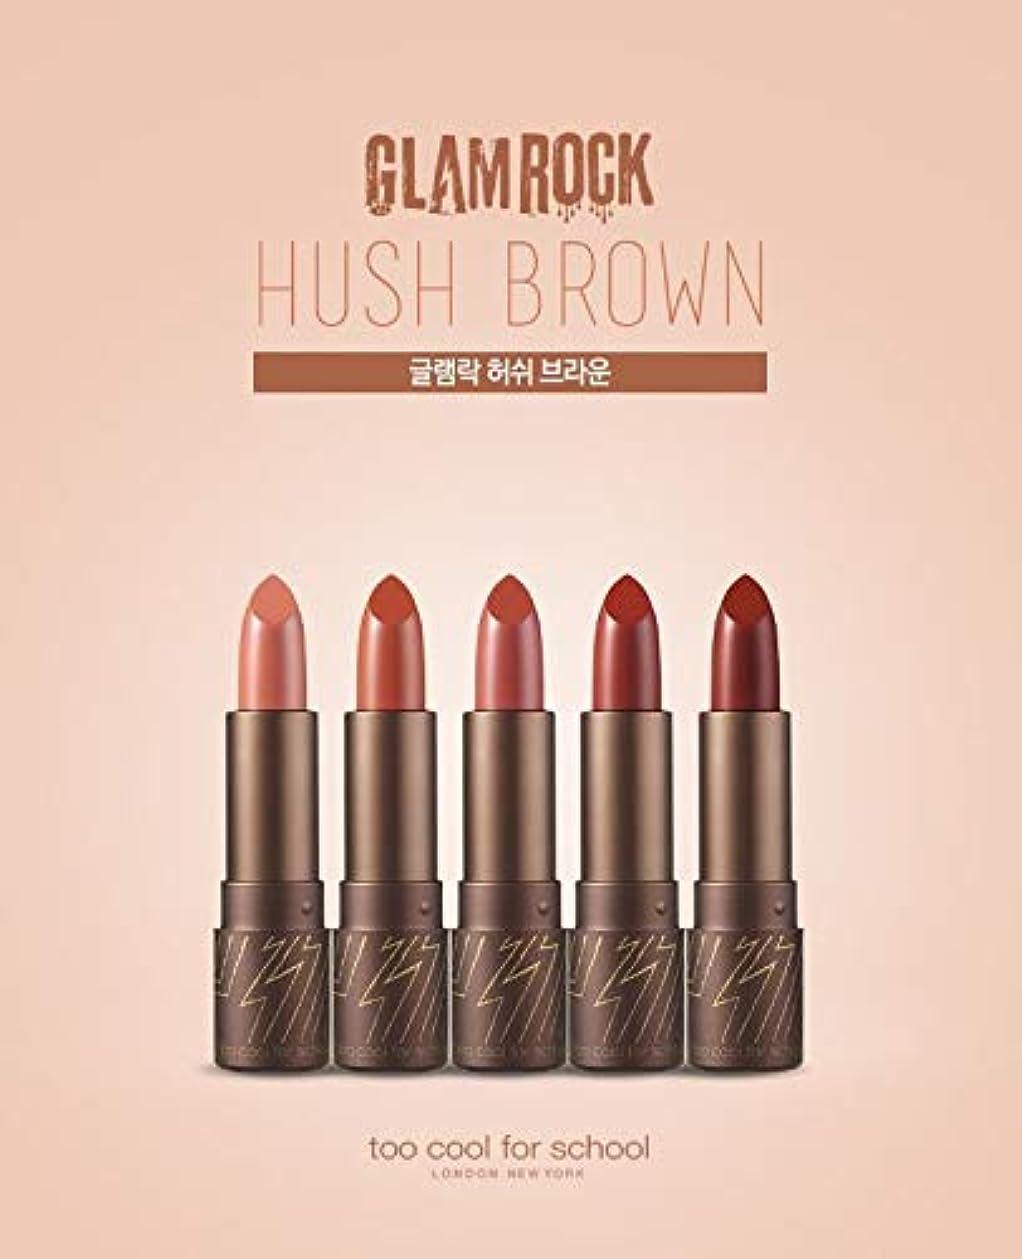 レモンビスケットガス[too cool for school] GLAMROCK Hush Brown 4.2g /グルレムラクハーシーブラウン (1号 Mute/ミュート) [並行輸入品]